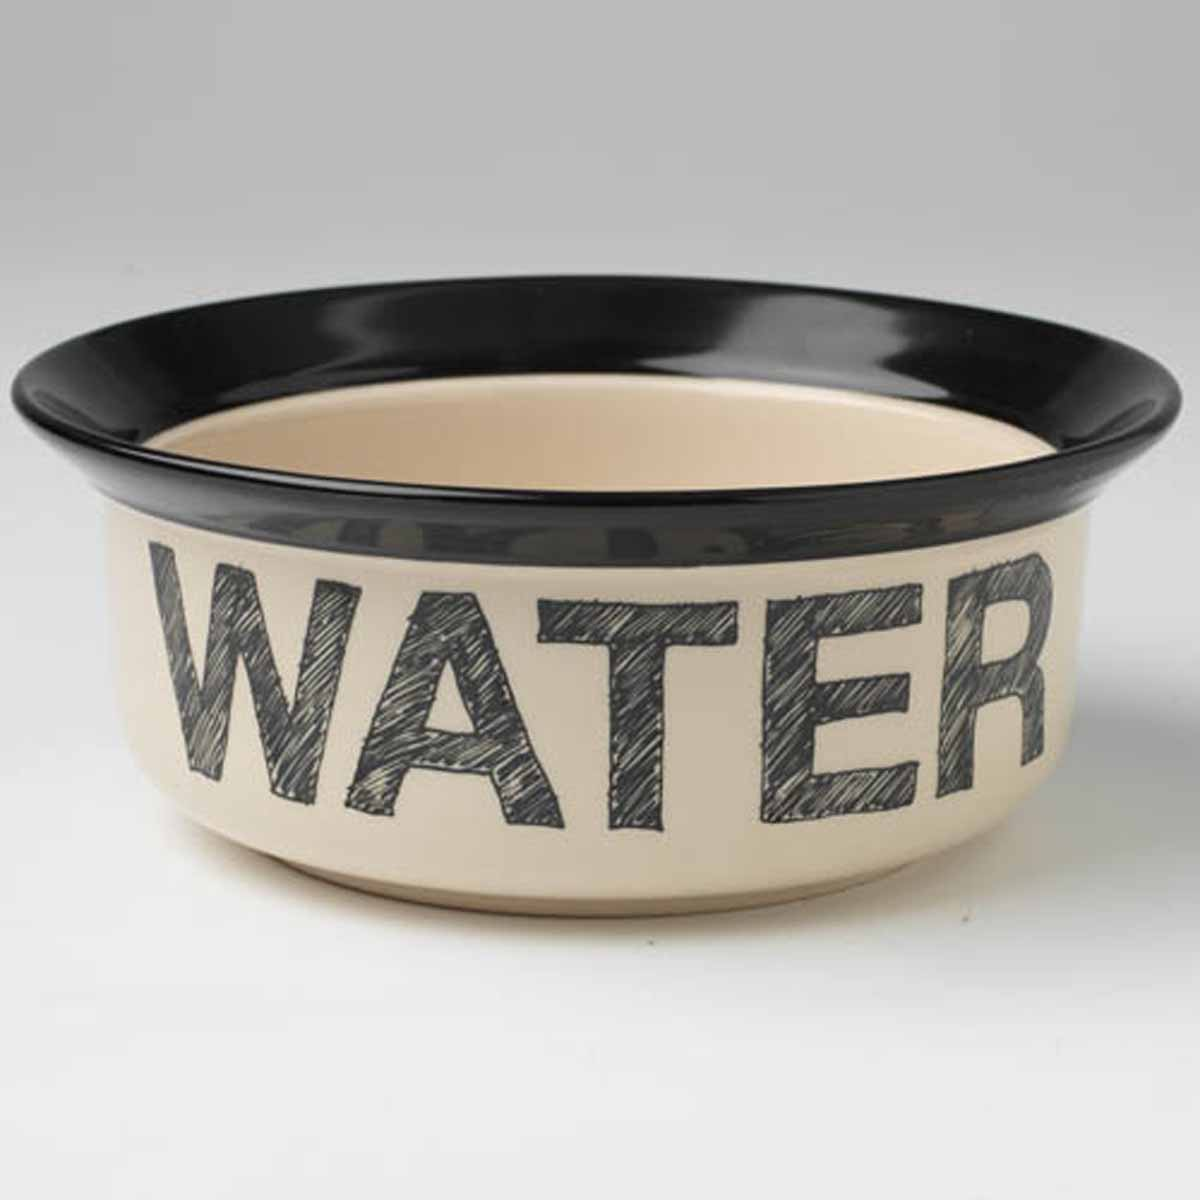 Pooch Basics Dog Bowl Water Baxterboo